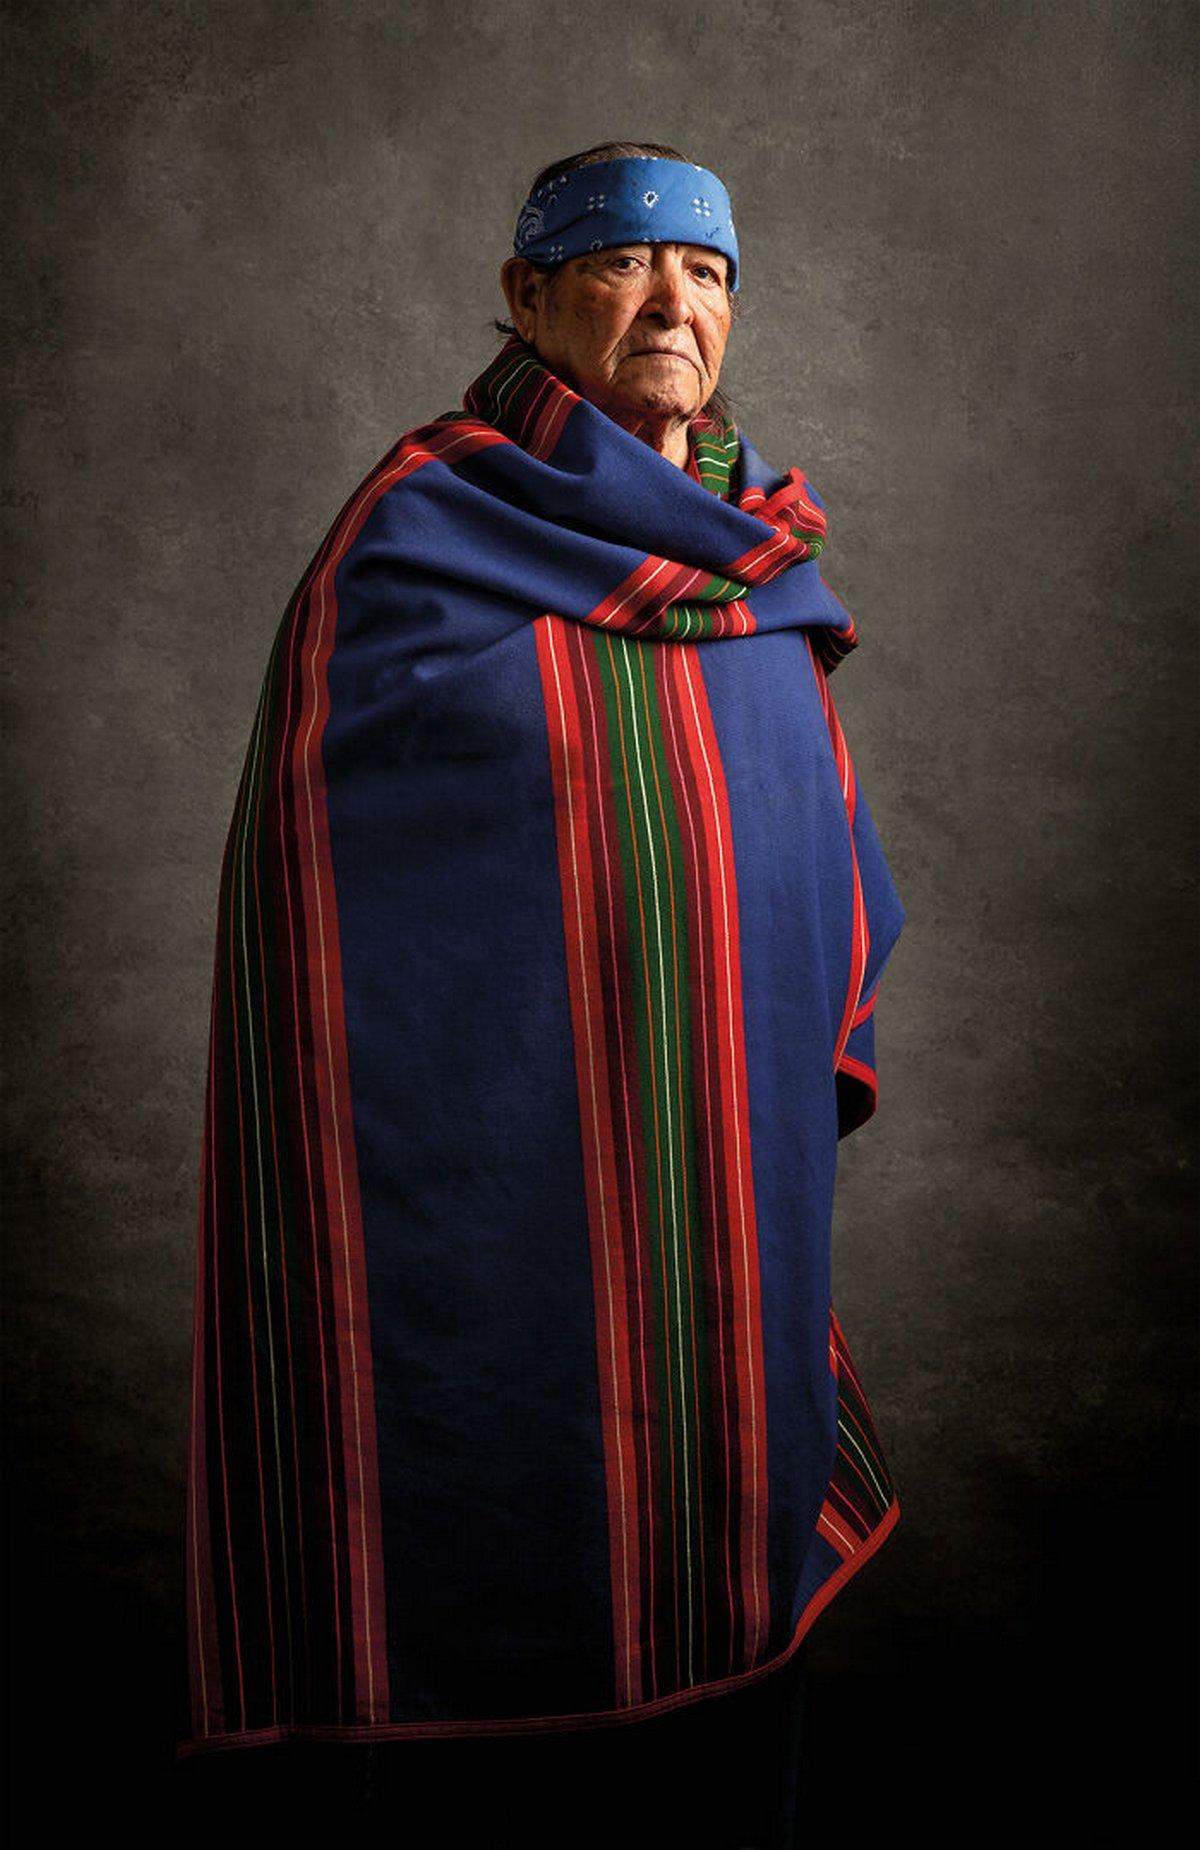 16 portraits authentiques d'Amérindiens vêtus de costumes traditionnels